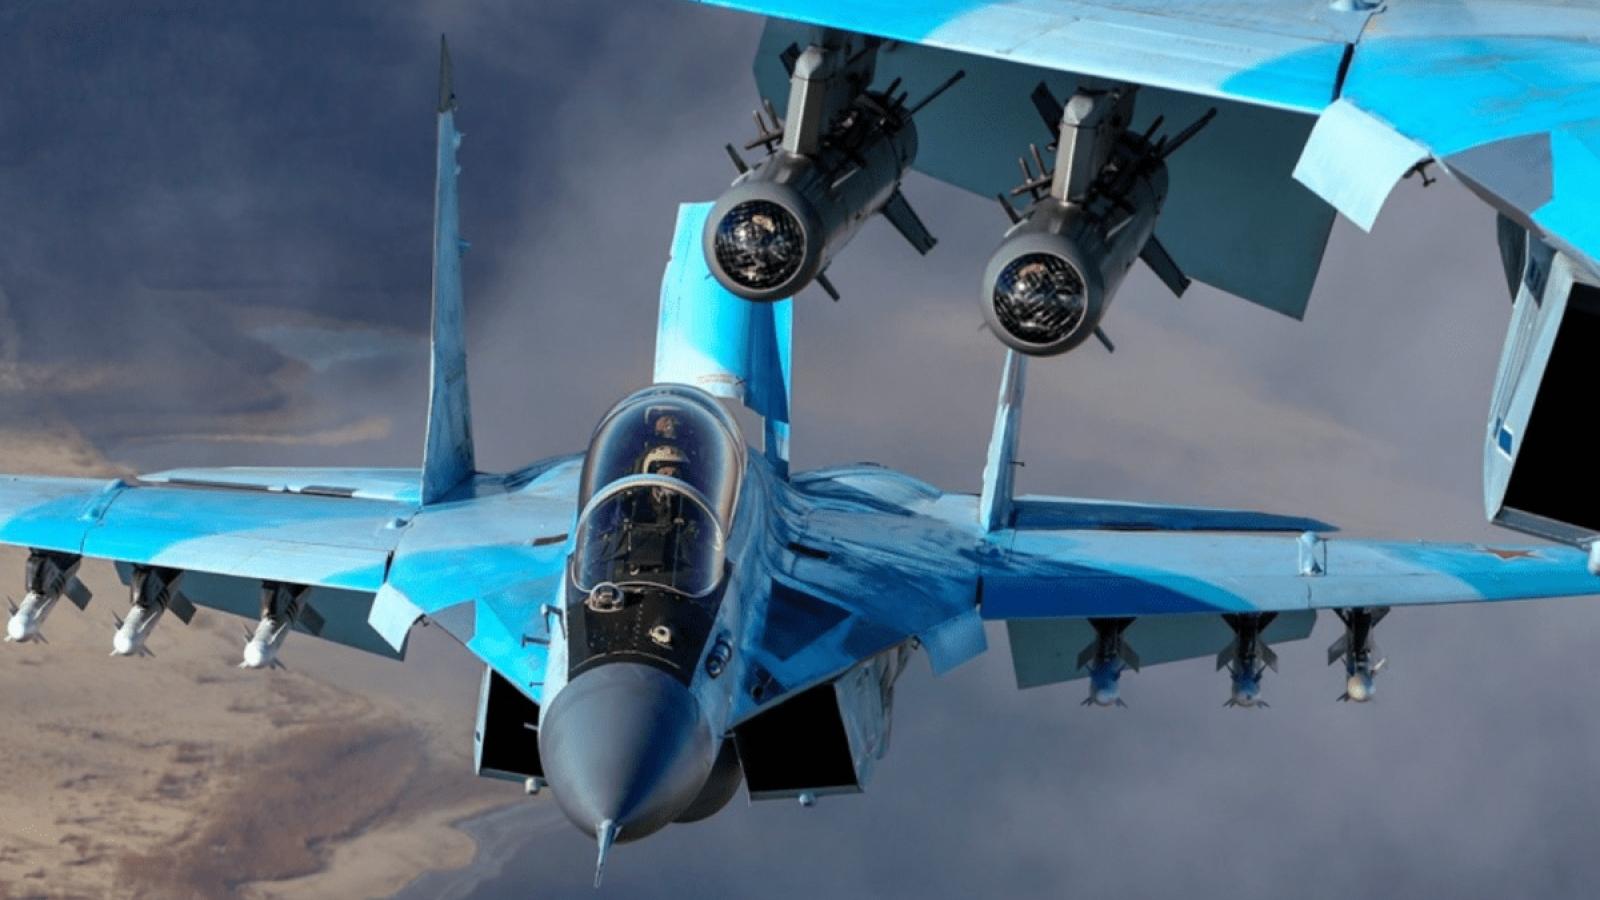 """Máy bay bí mật sắp ra mắt của Nga sẽ """"chiếu tướng"""" những chiến đấu cơ quyền lực của Mỹ?"""